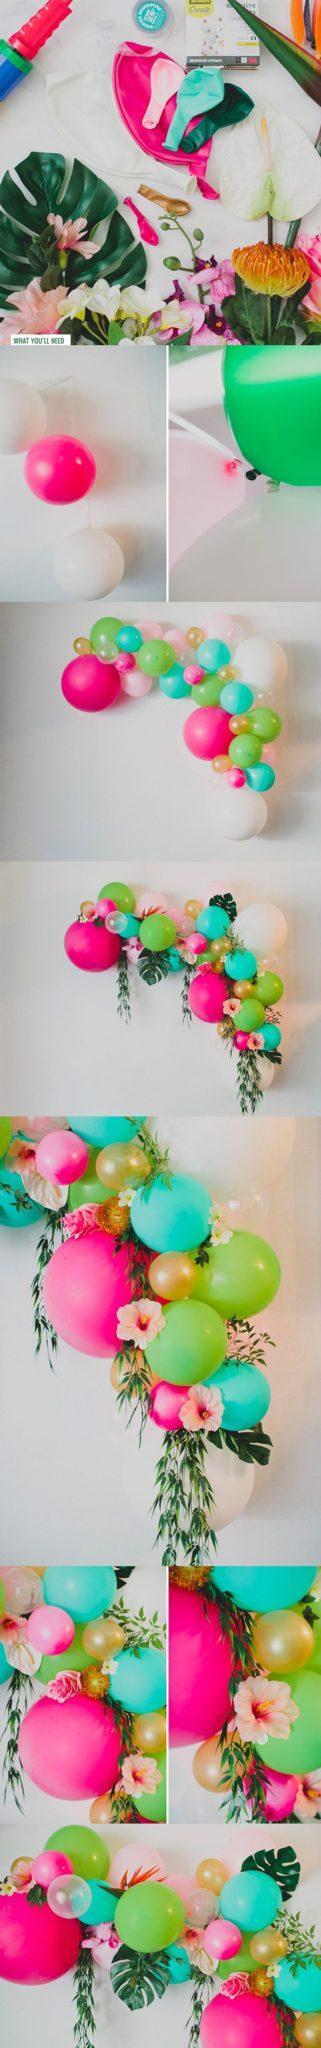 manualidades para decorar fiestas de cumple paso a paso